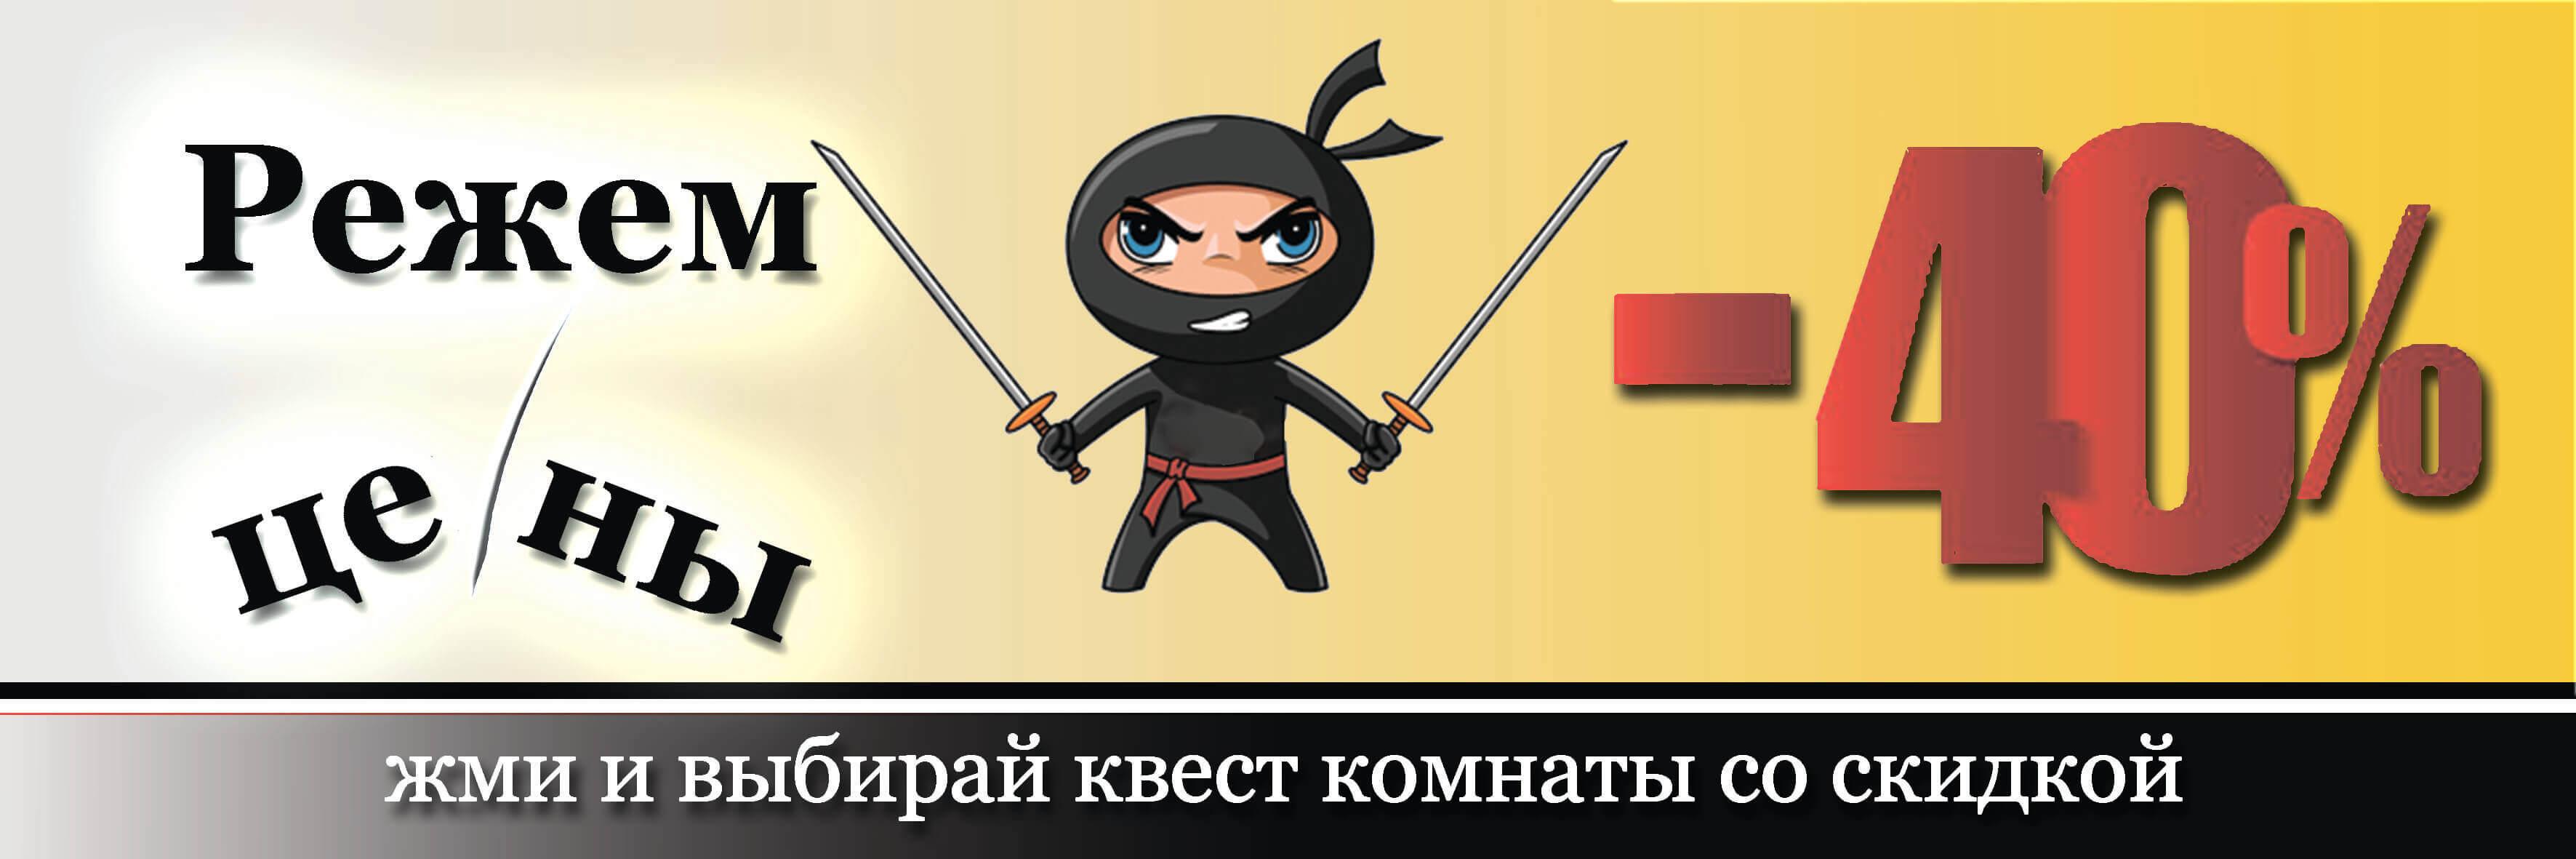 http://questroom.com.ua/promoprice